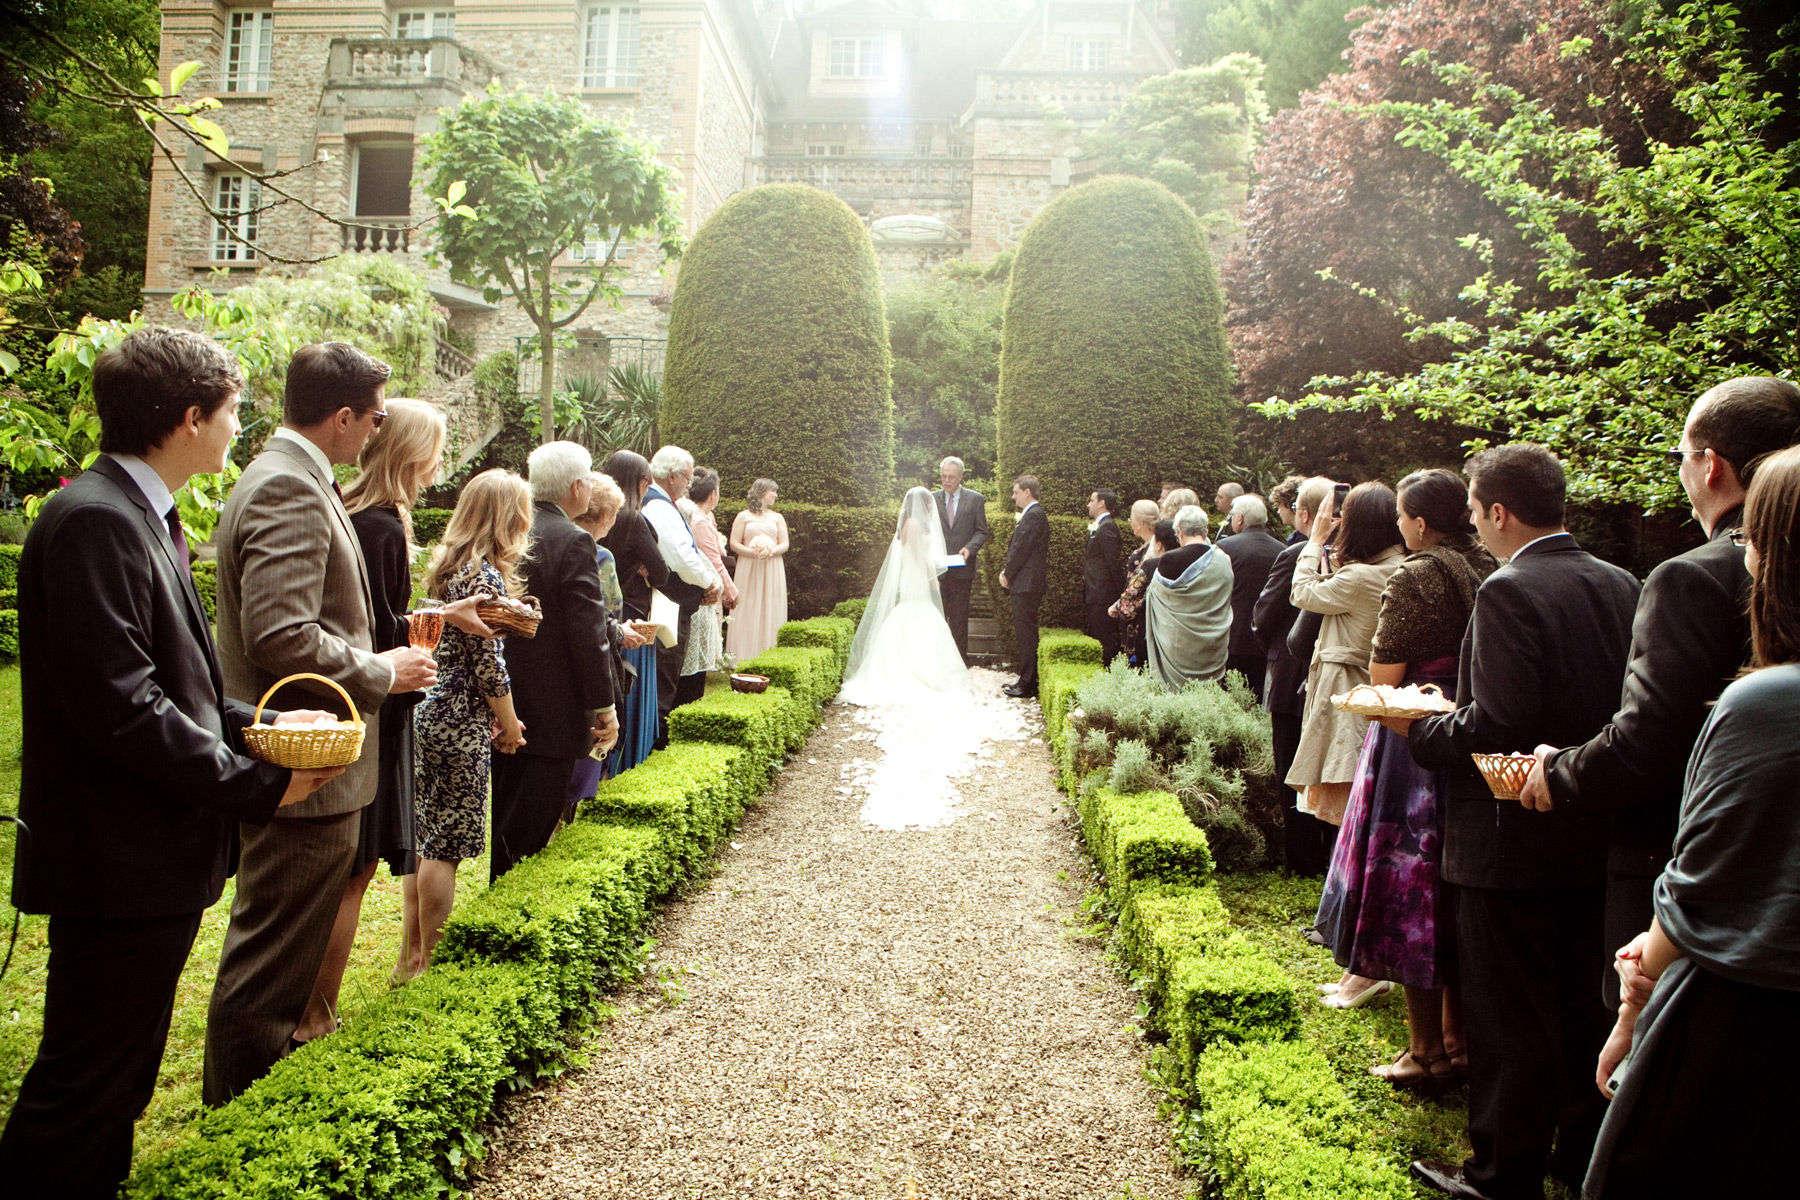 Succesul unei nunti se regaseste in micile detalii